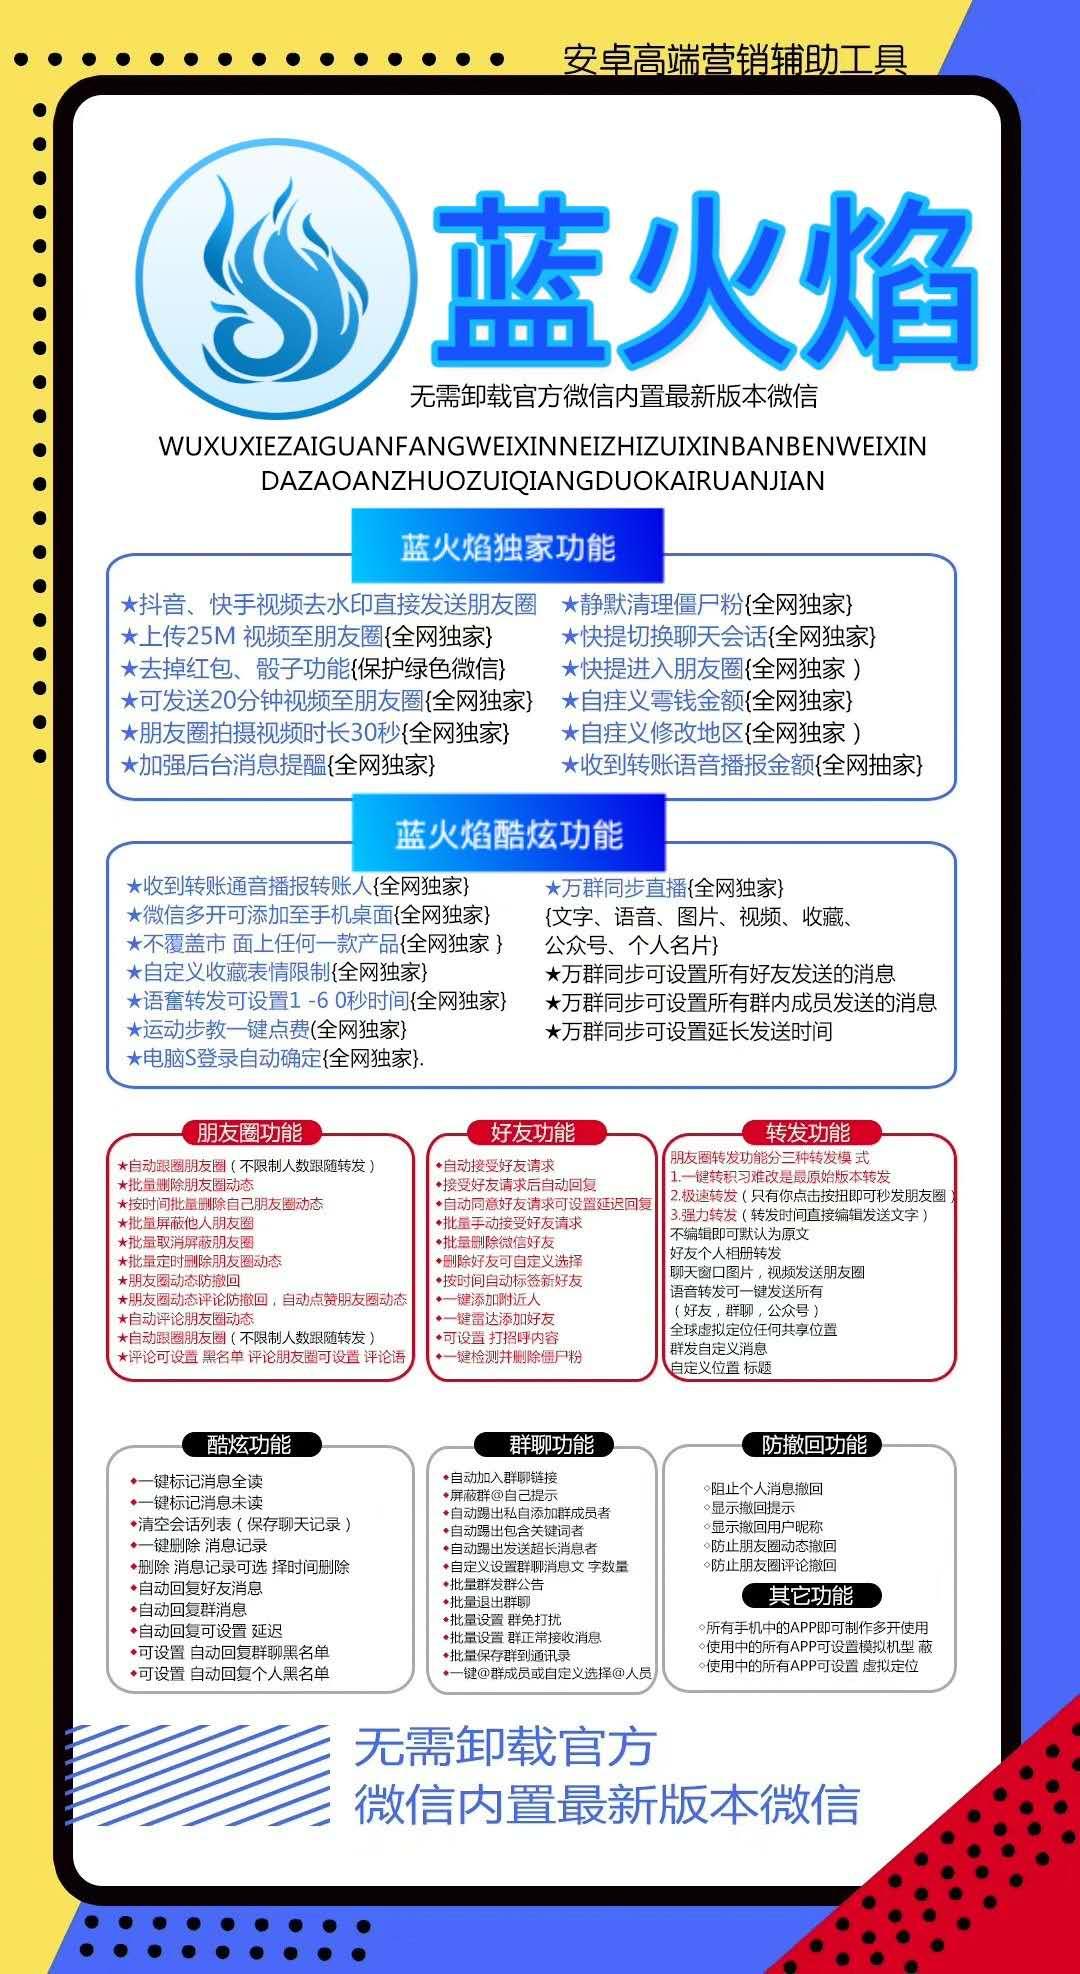 【安卓蓝火焰官网】安卓多开分身 支持710新版微信 正版激活码授权 自定义骰子/划拳  一键群发群 成为代理价格更低